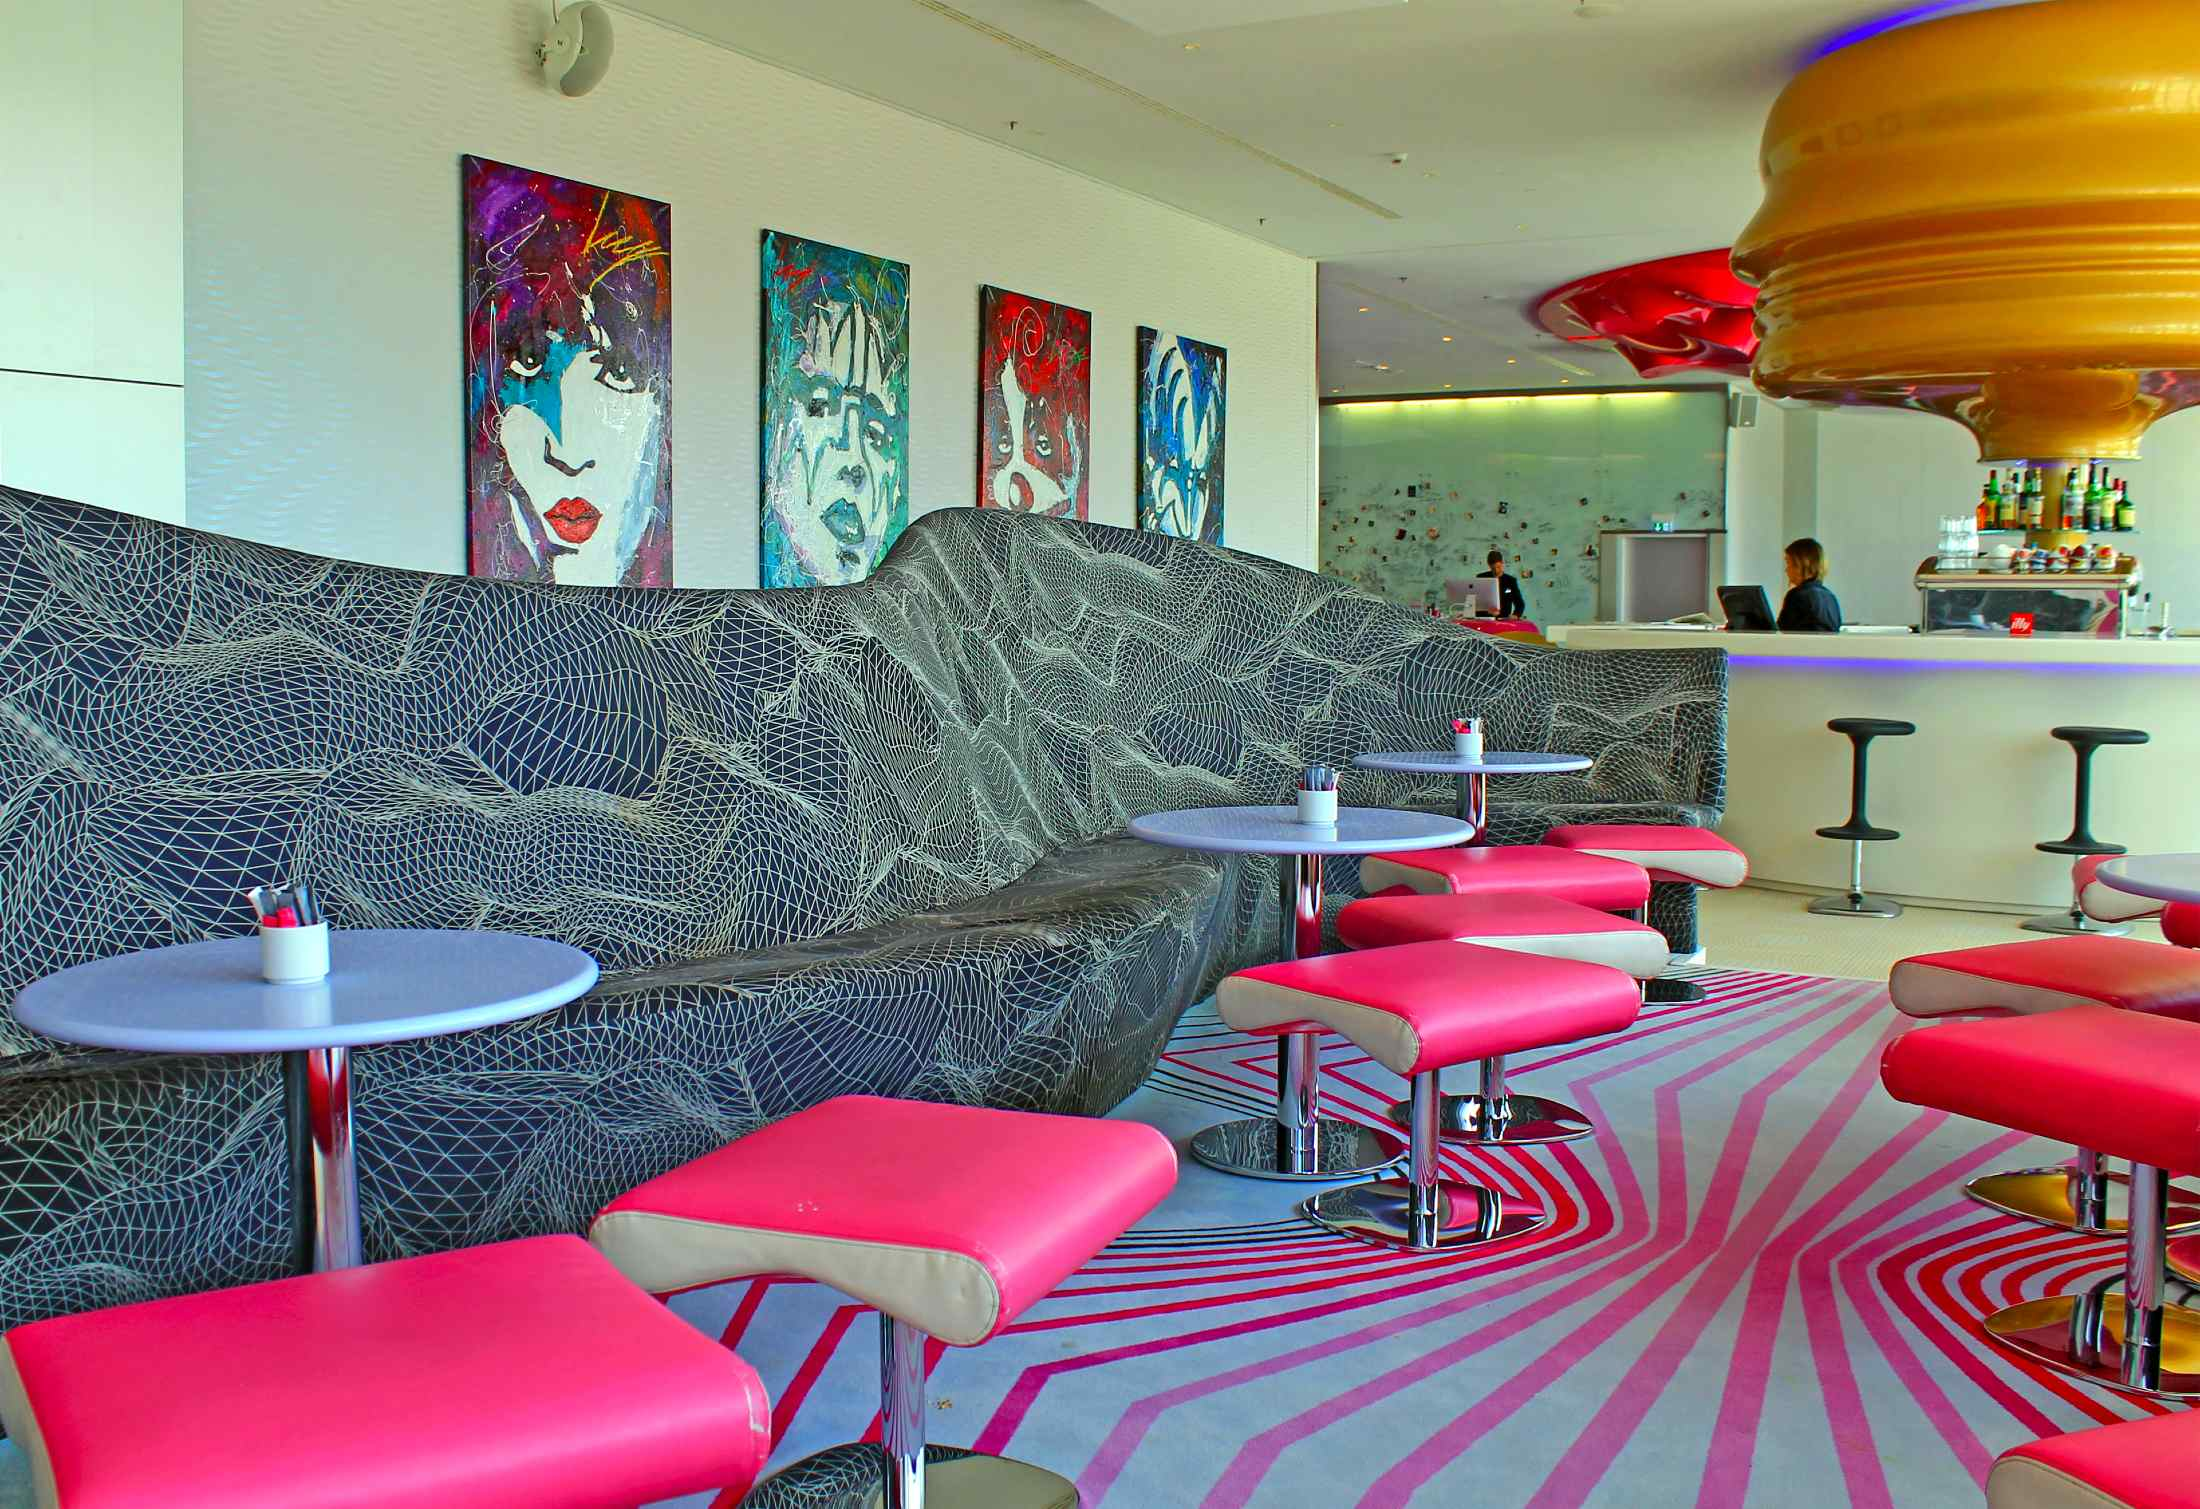 Envy Bar Berlin - Focal journey (by Gustavo Espinola)